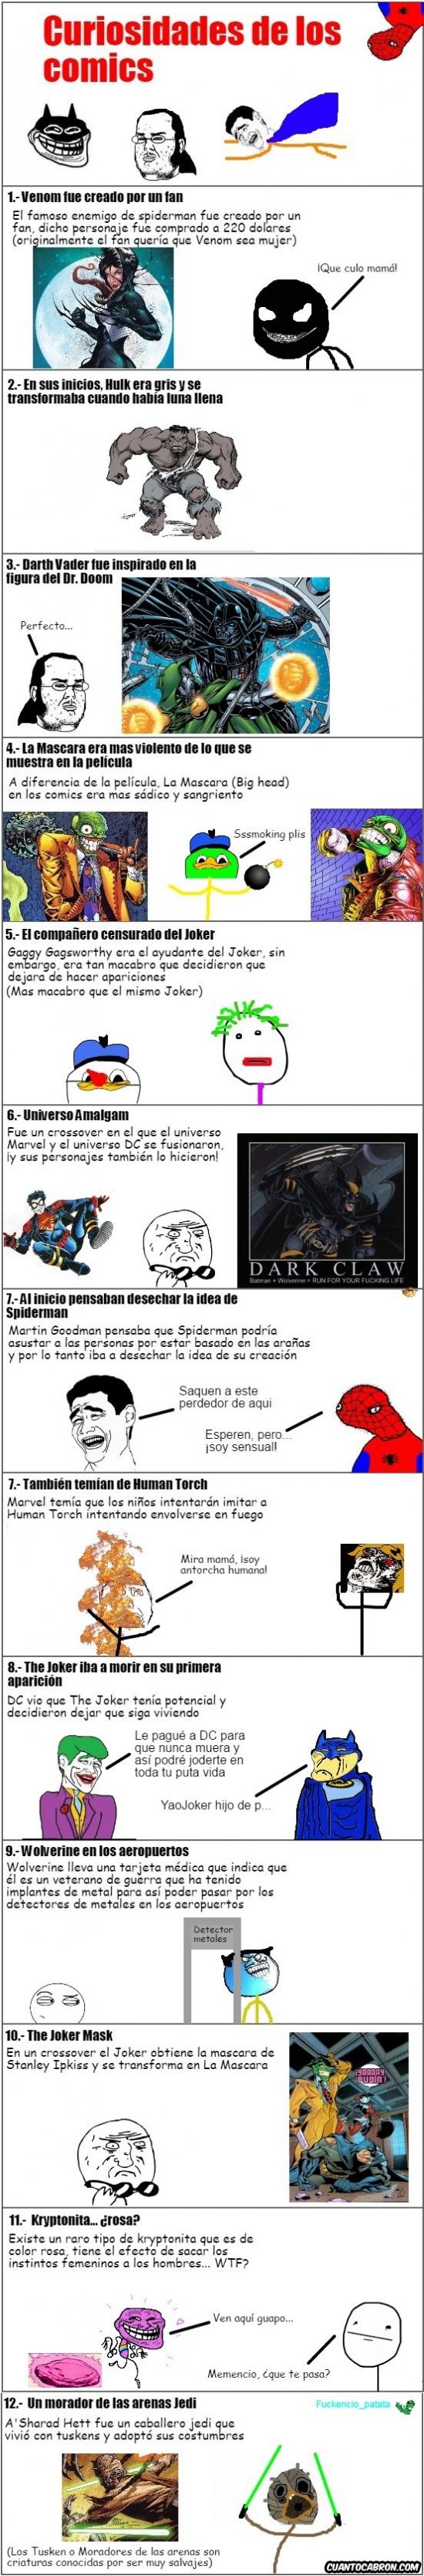 Mix - Curiosidades de los cómics